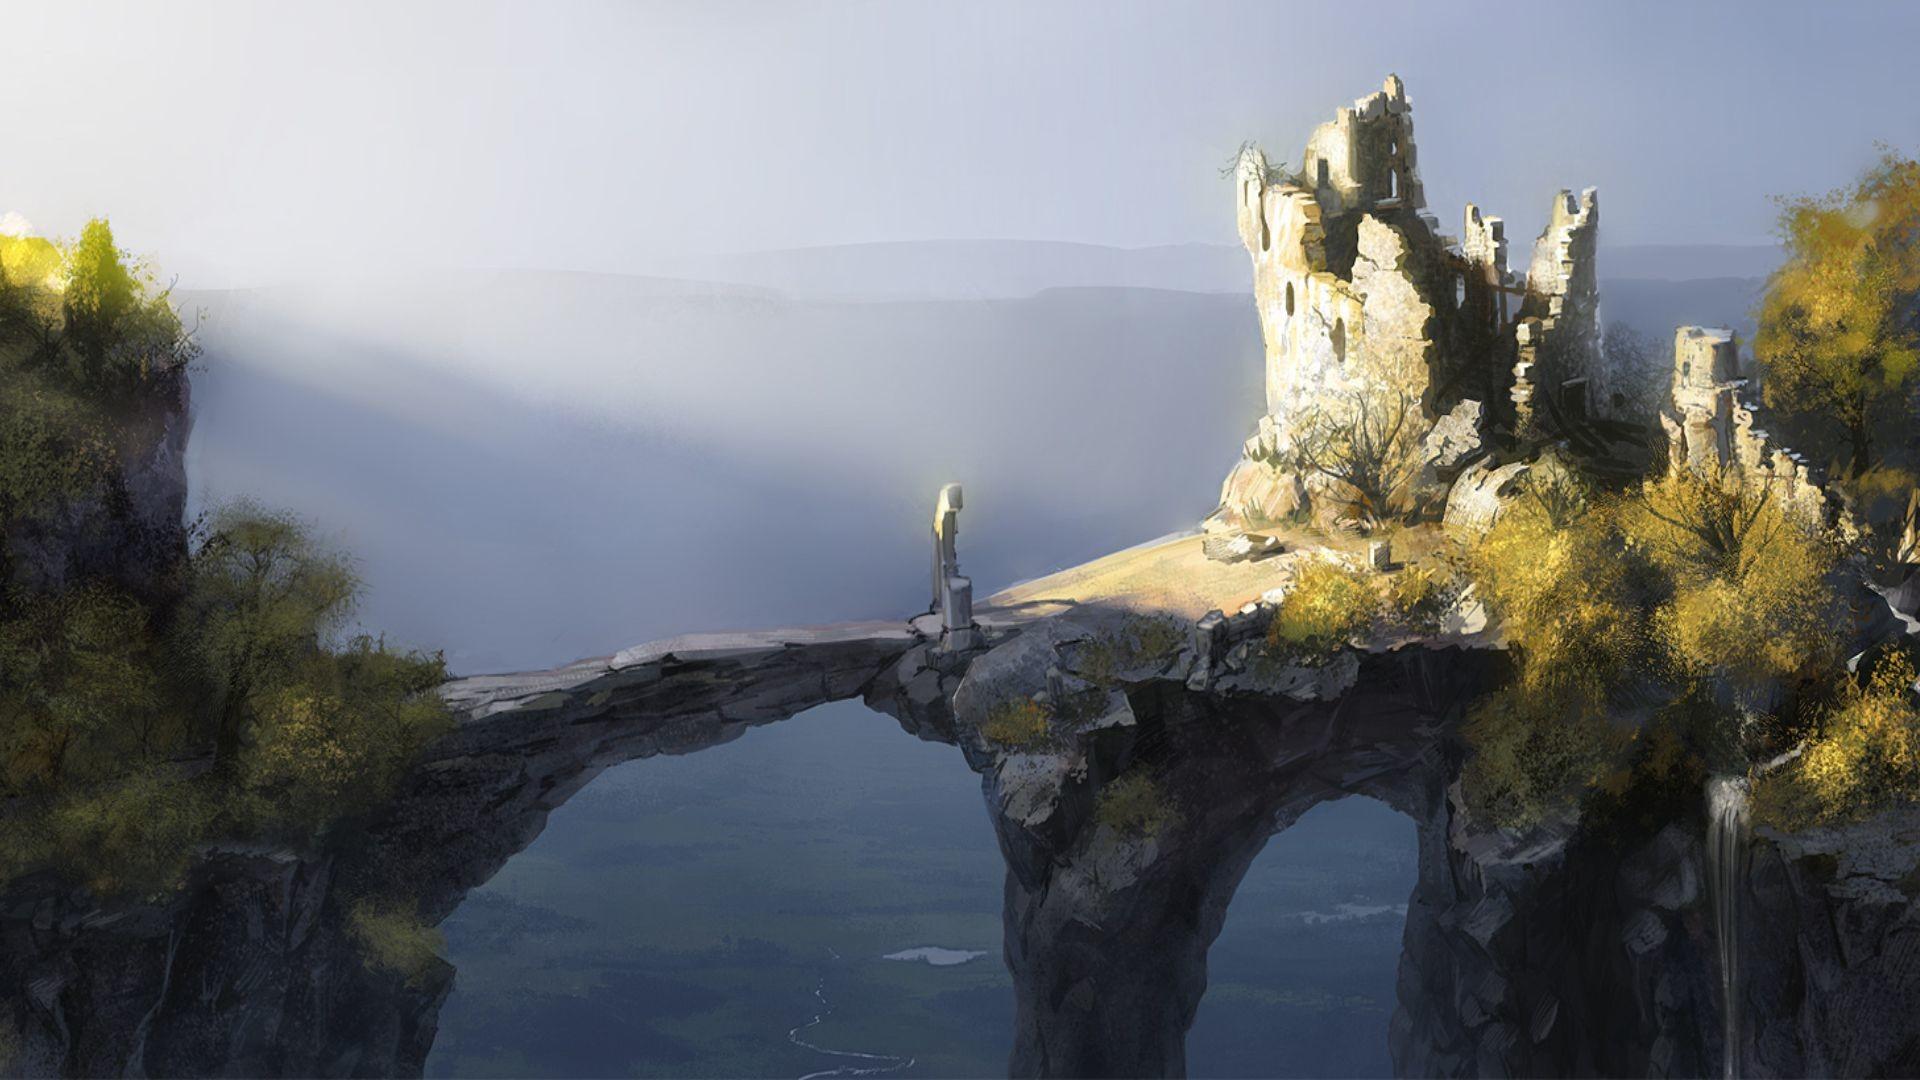 Surreal wallpapers 74 images - Fantasy wallpaper bridge ...